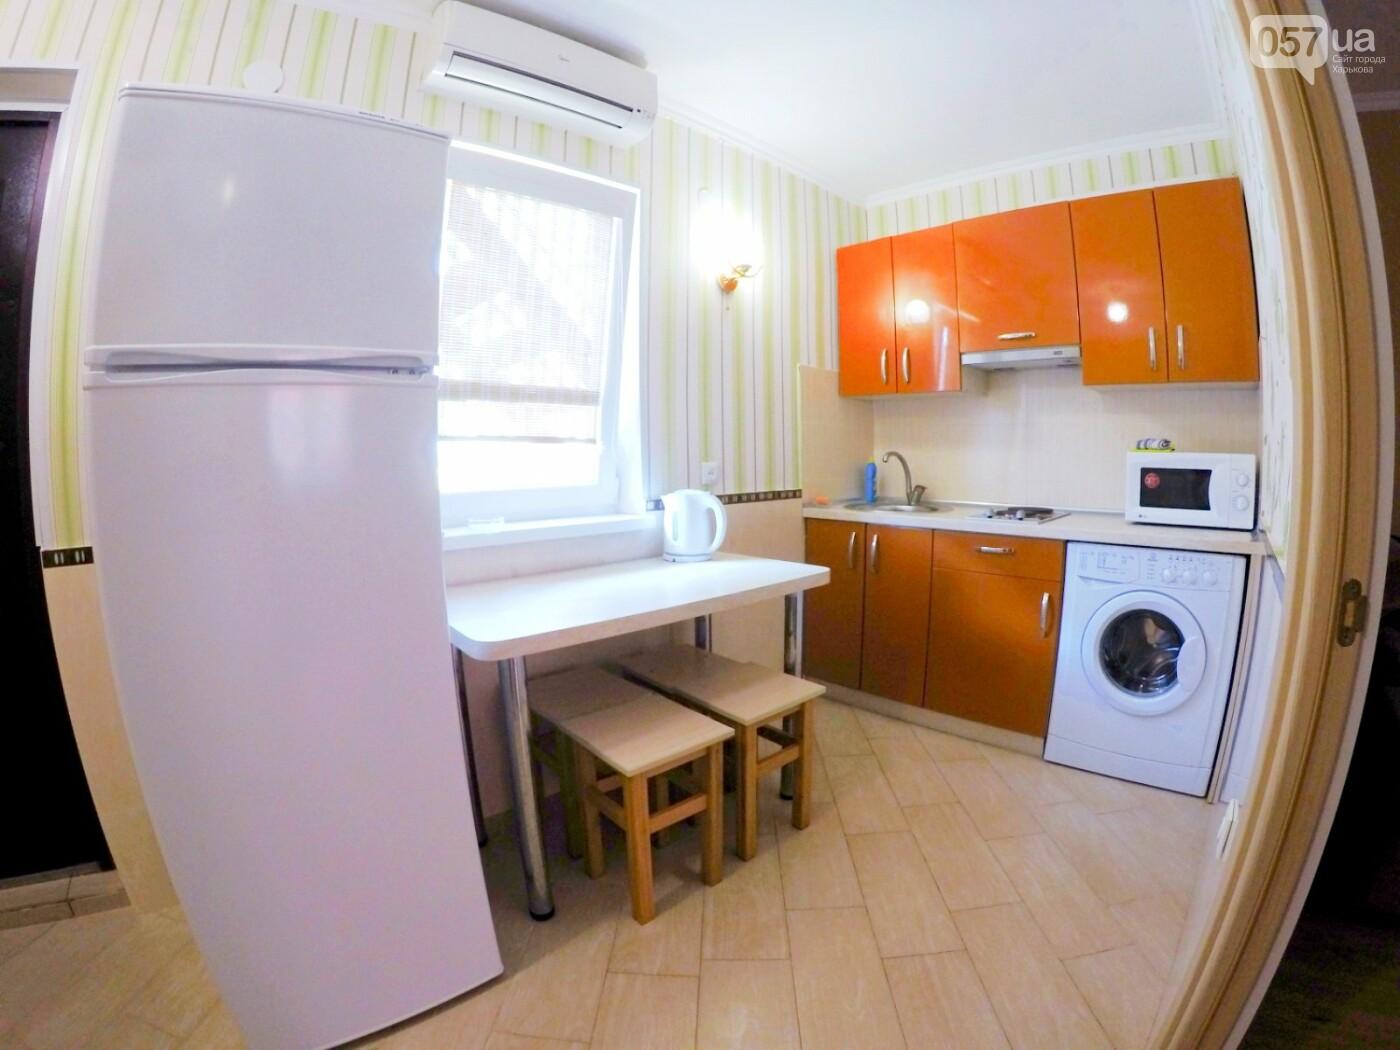 Где отдохнуть на море этим летом: обзор жилья и цен на украинских курортах , фото-33